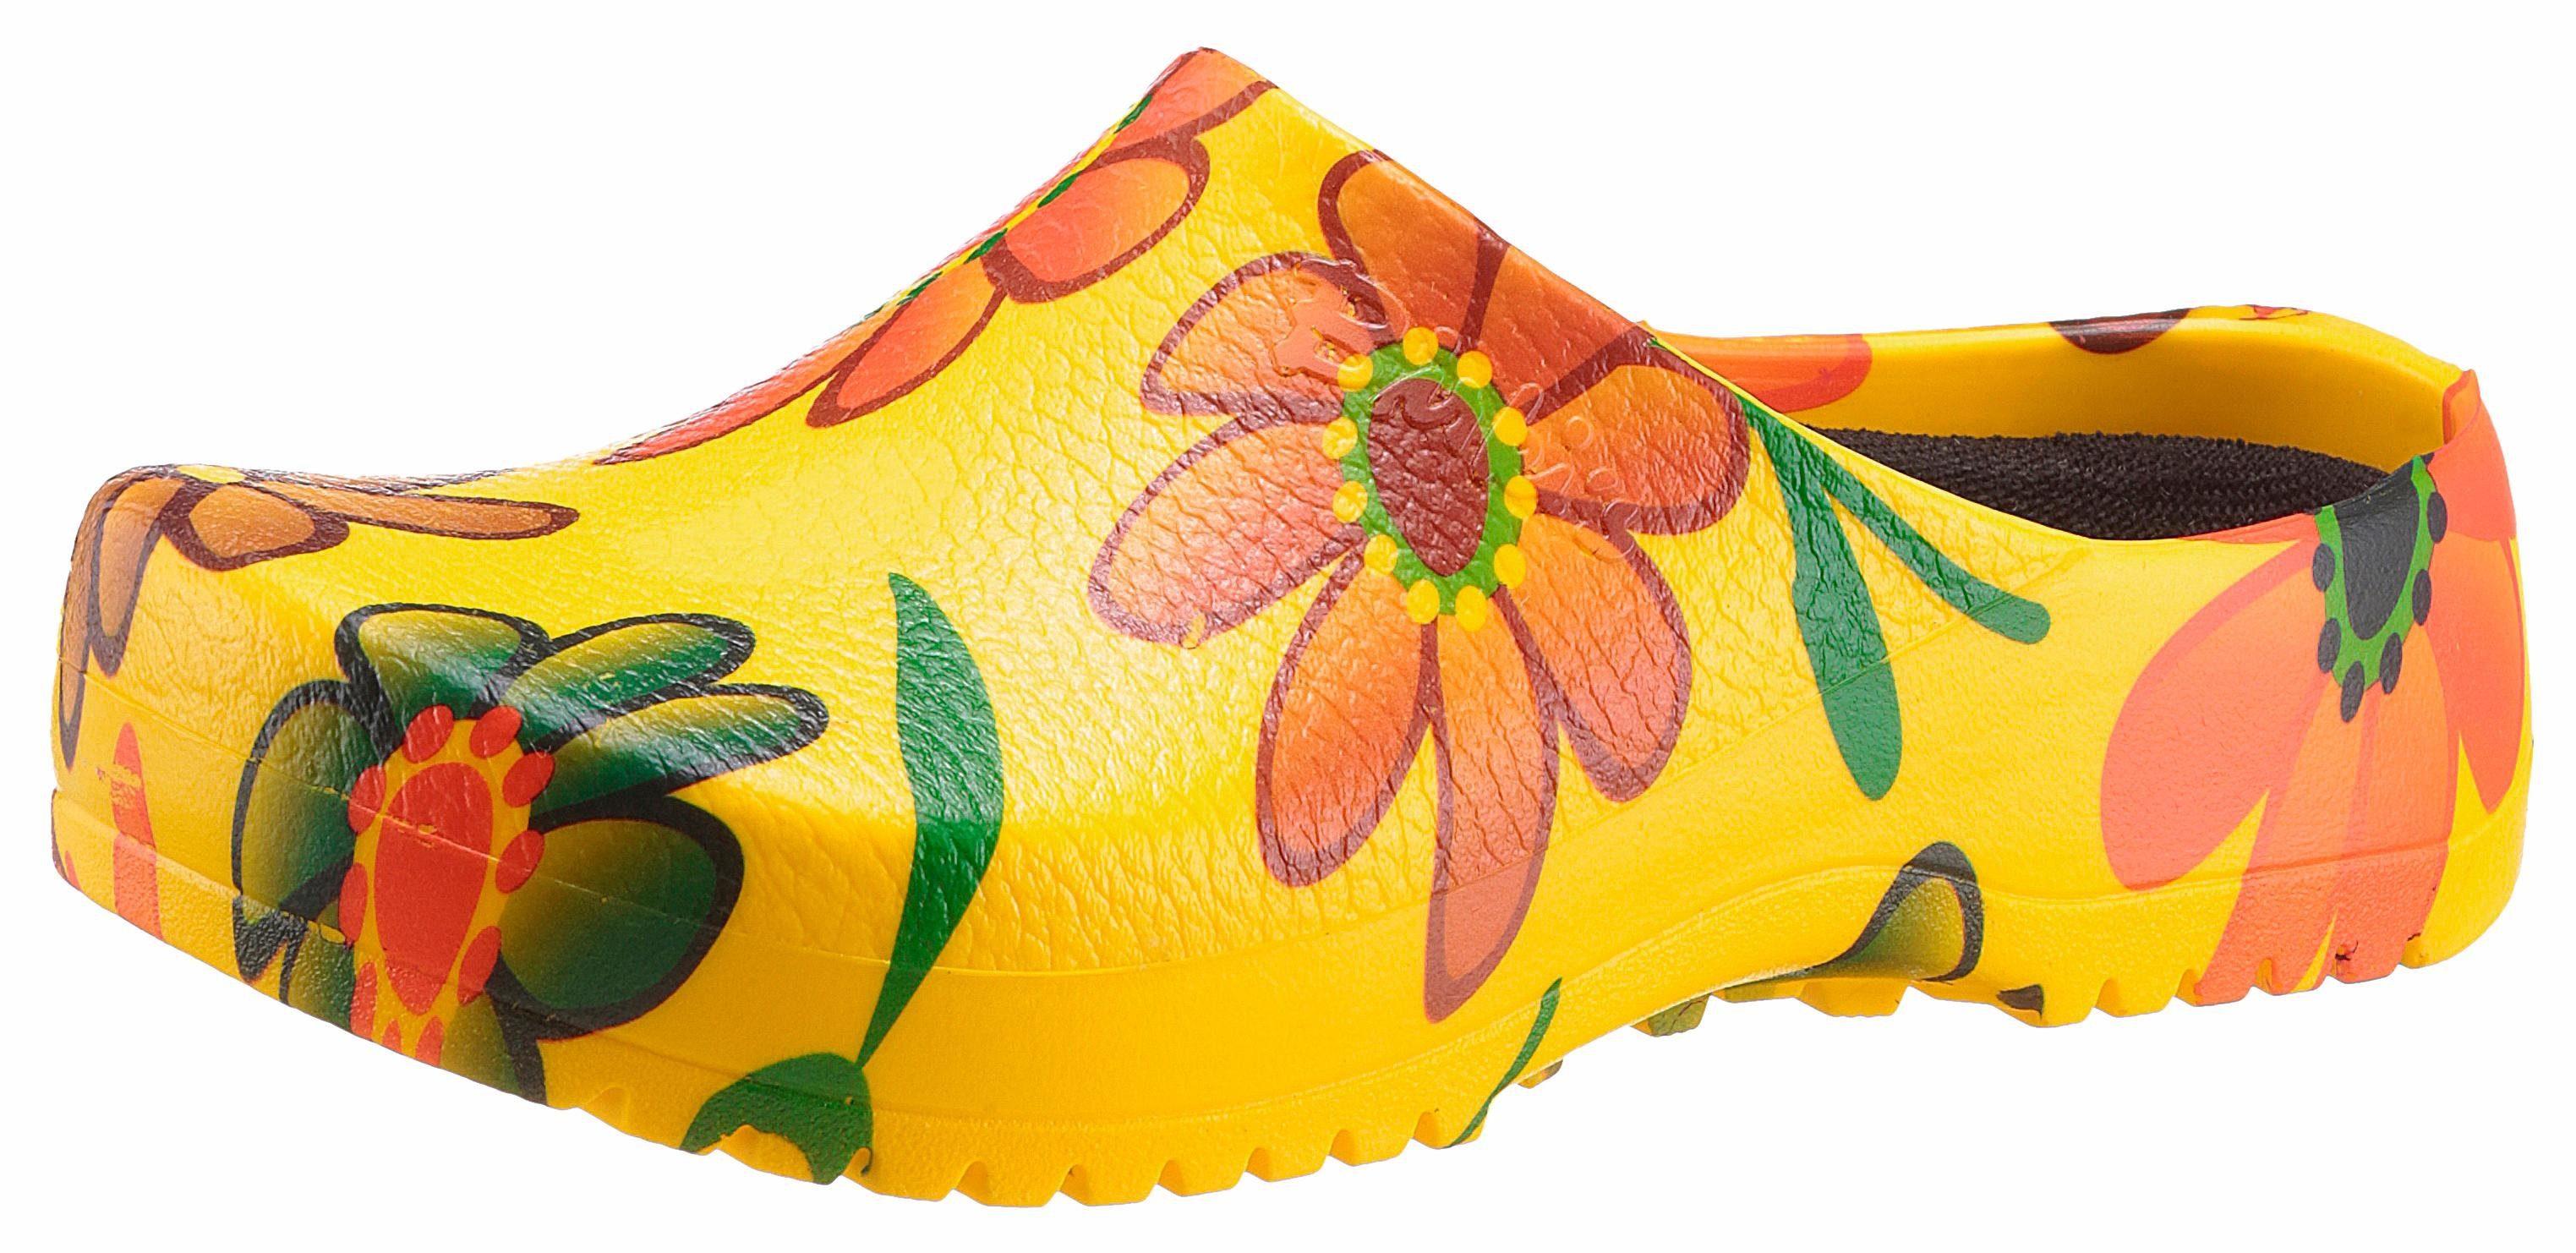 Birkenstock Super Birki Clog, herausnehmbare Innensohle bei 30 Grad waschbar online kaufen  gelb-geblümt